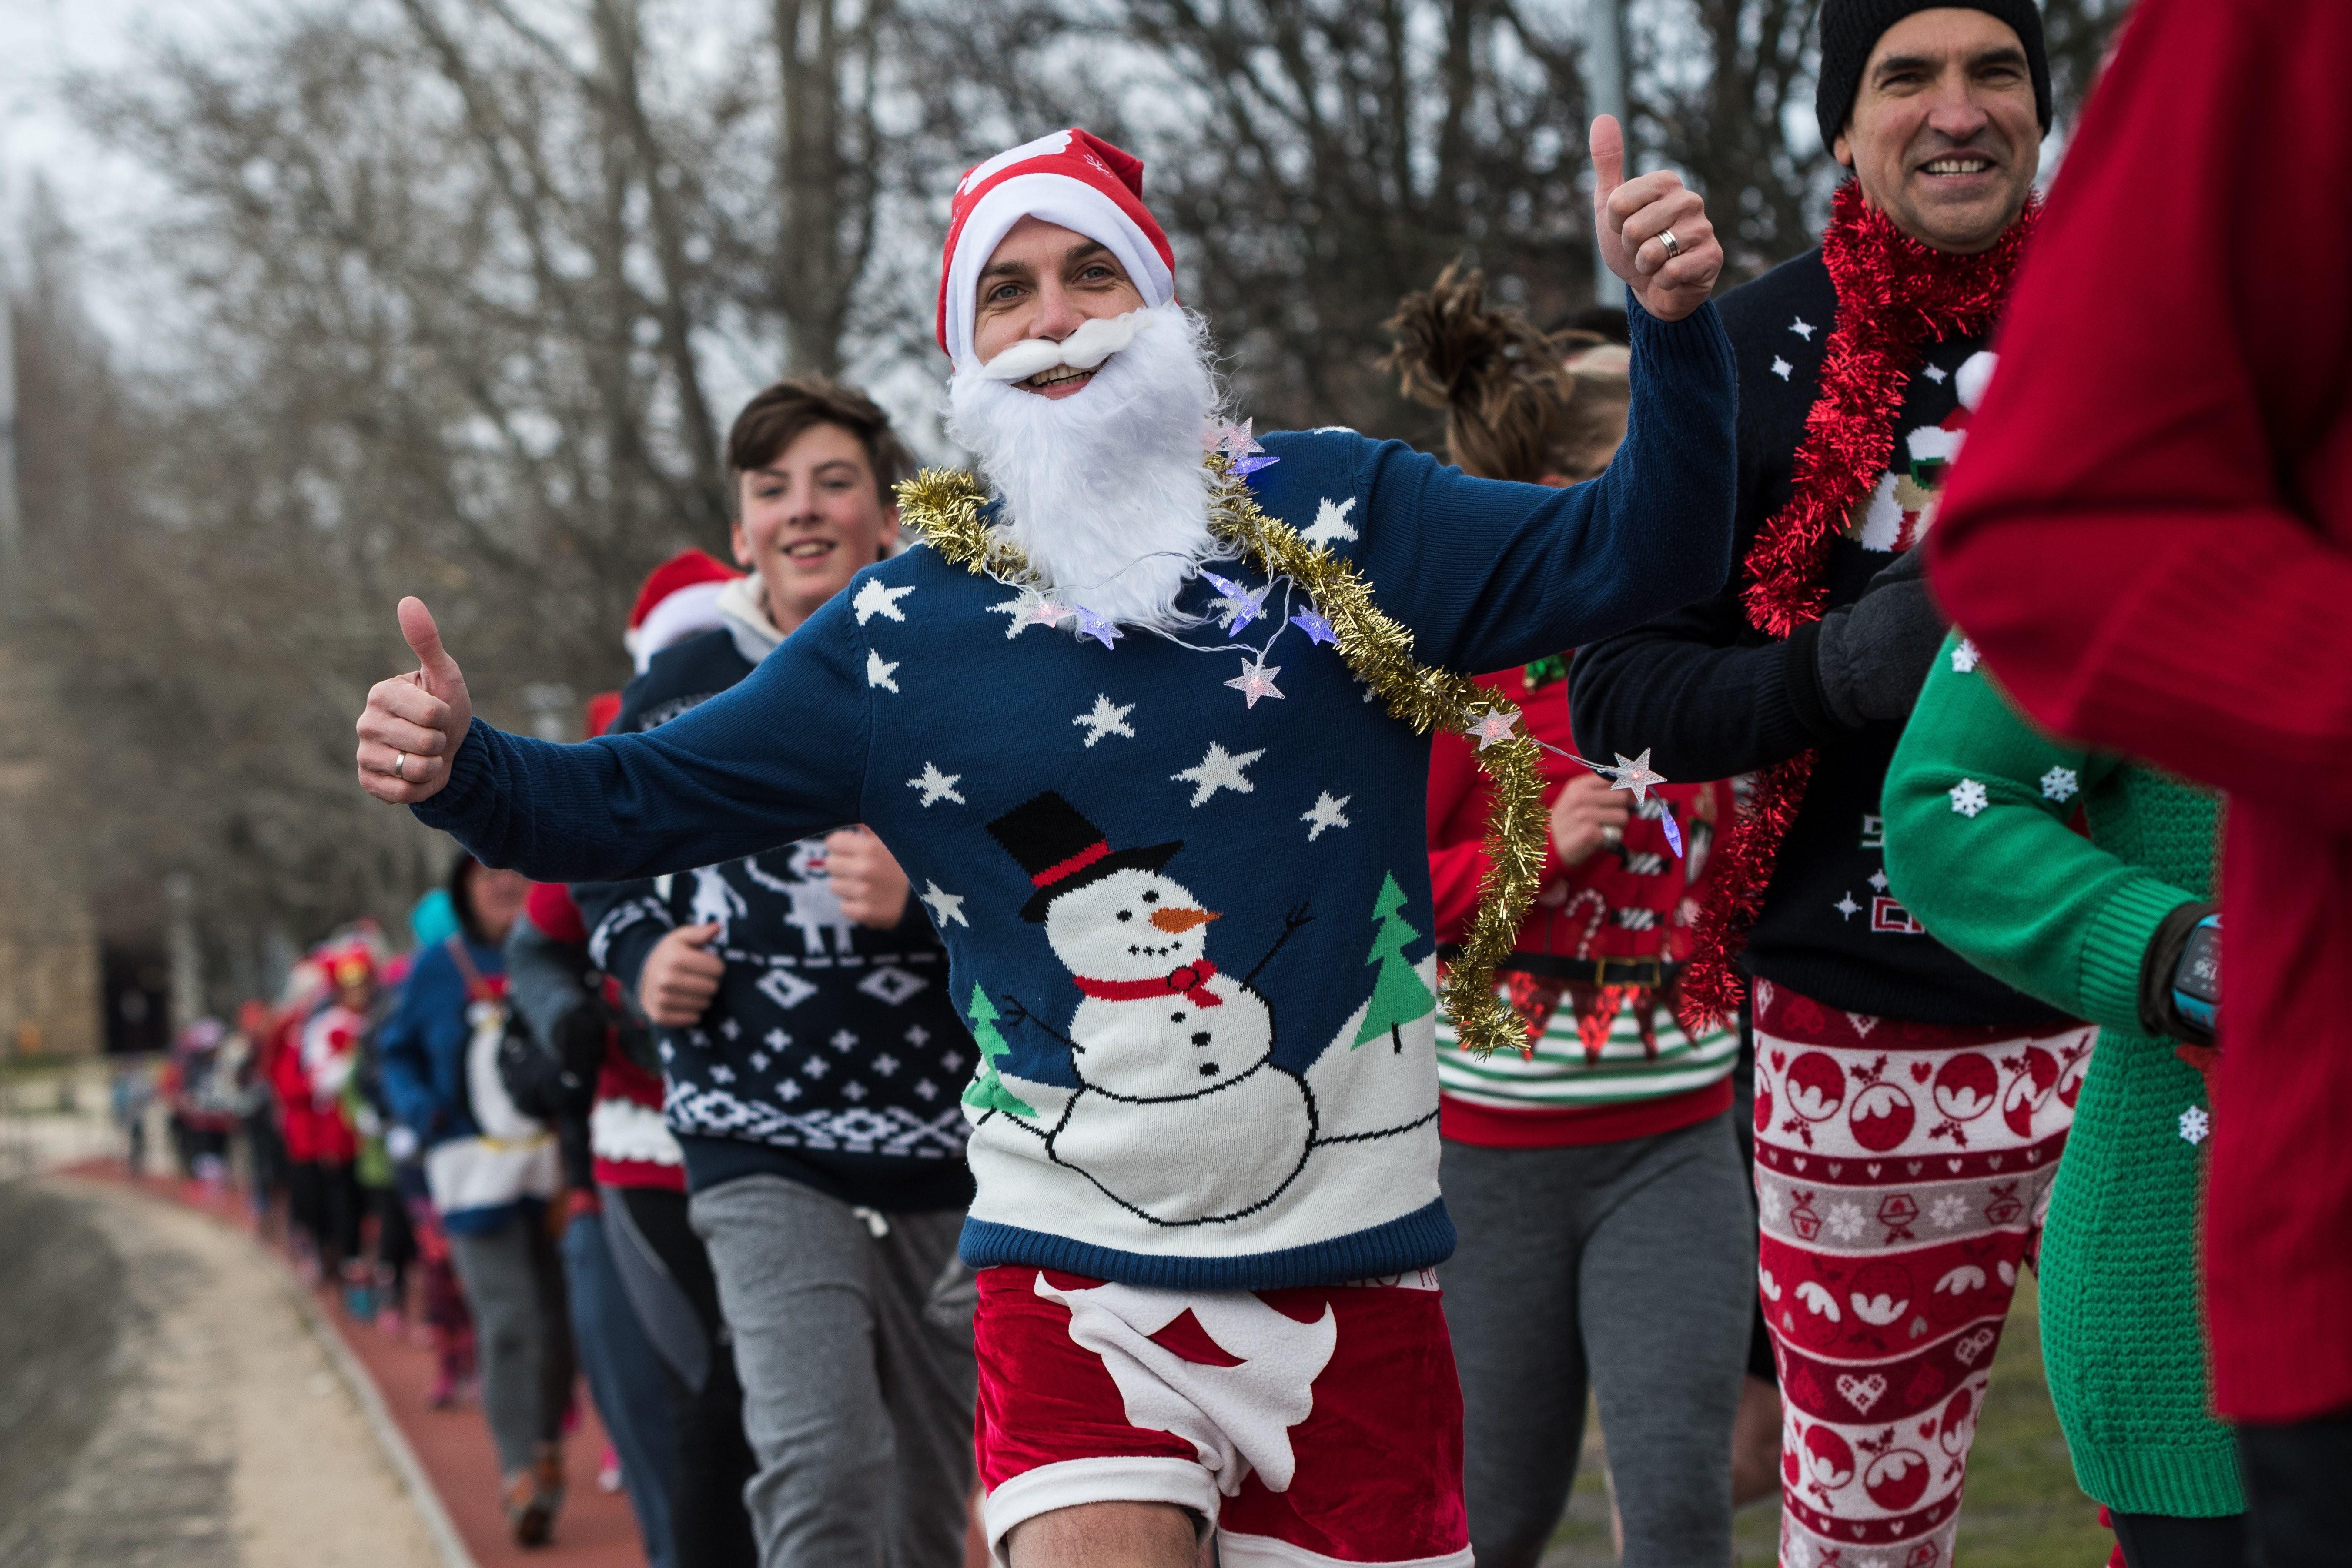 Ilyen volt az idei karácsonyi ronda pulcsis futás Budapesten